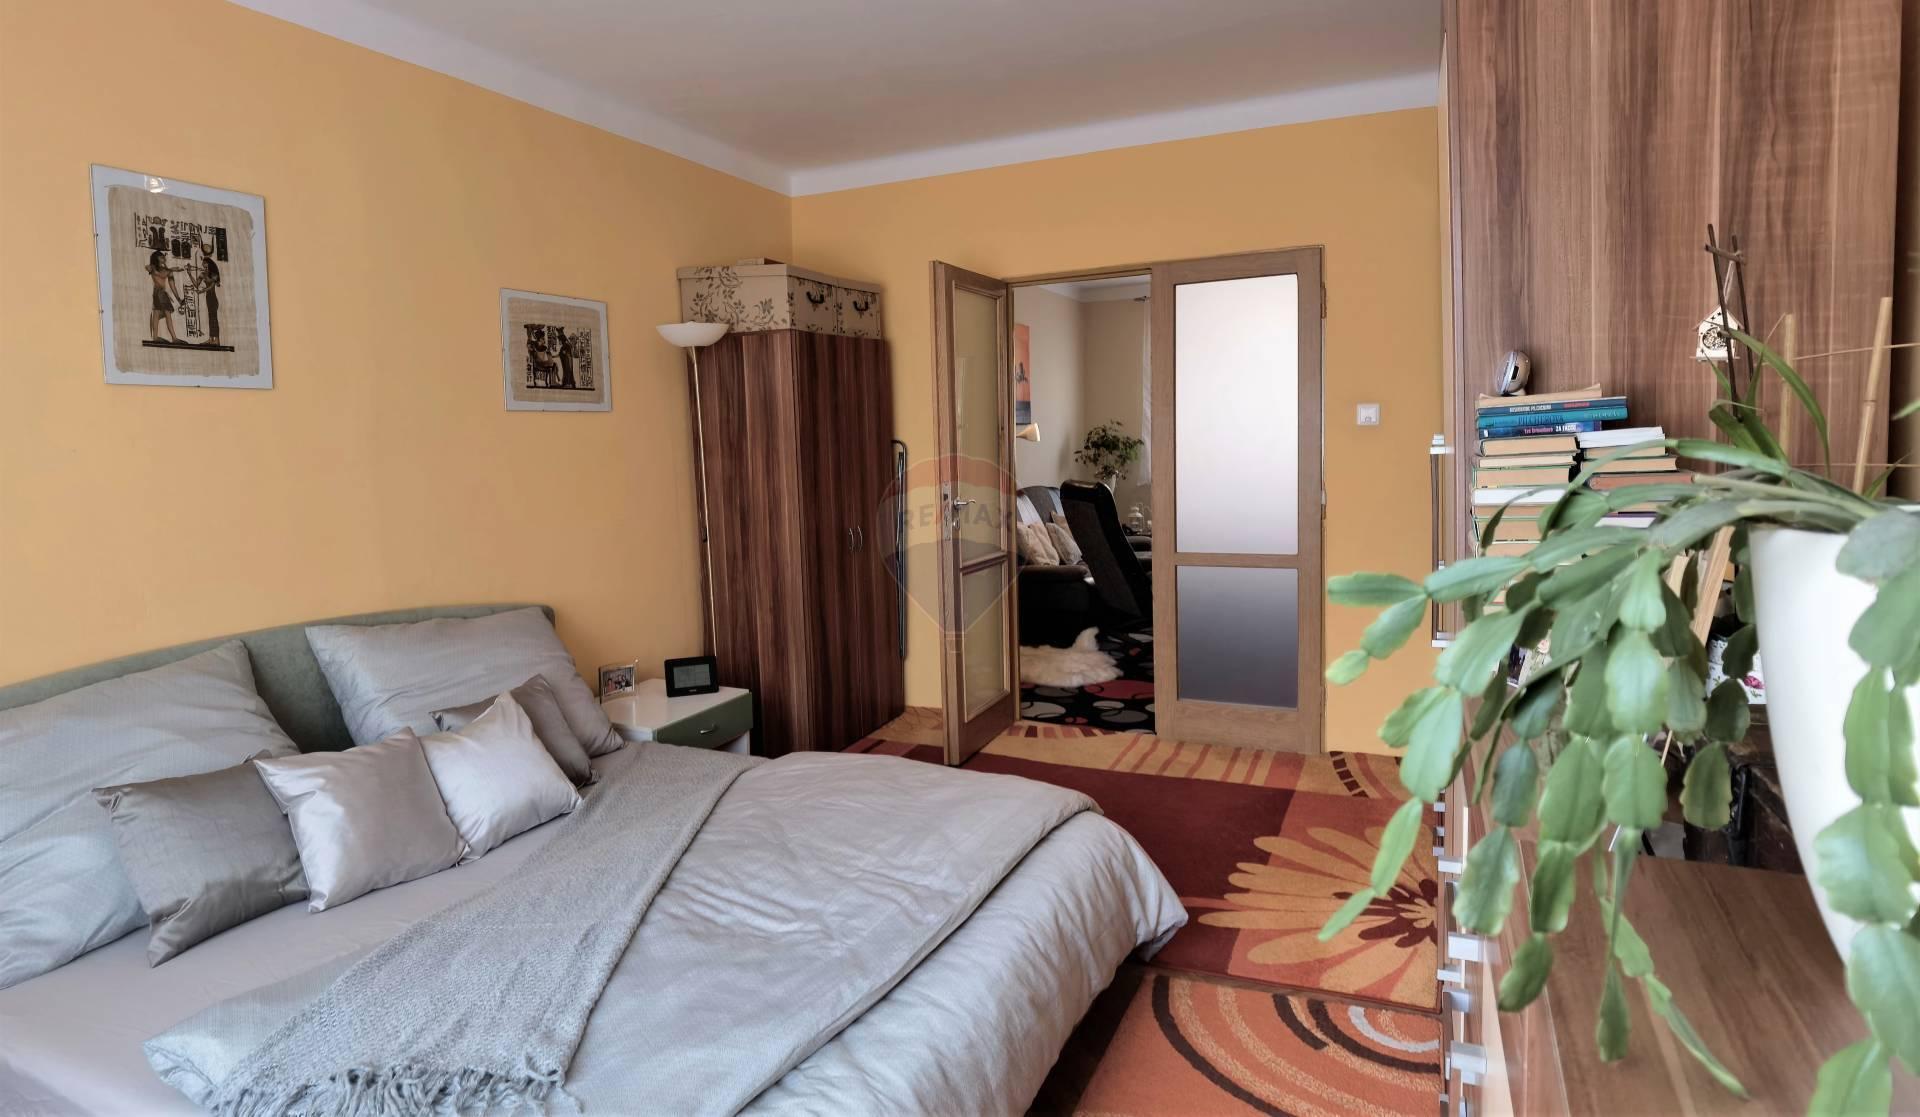 =RE/MAX= EXKLUZÍVNE Na predaj 2 izbový byt, B. Smetanu, Trnava, 54 m2